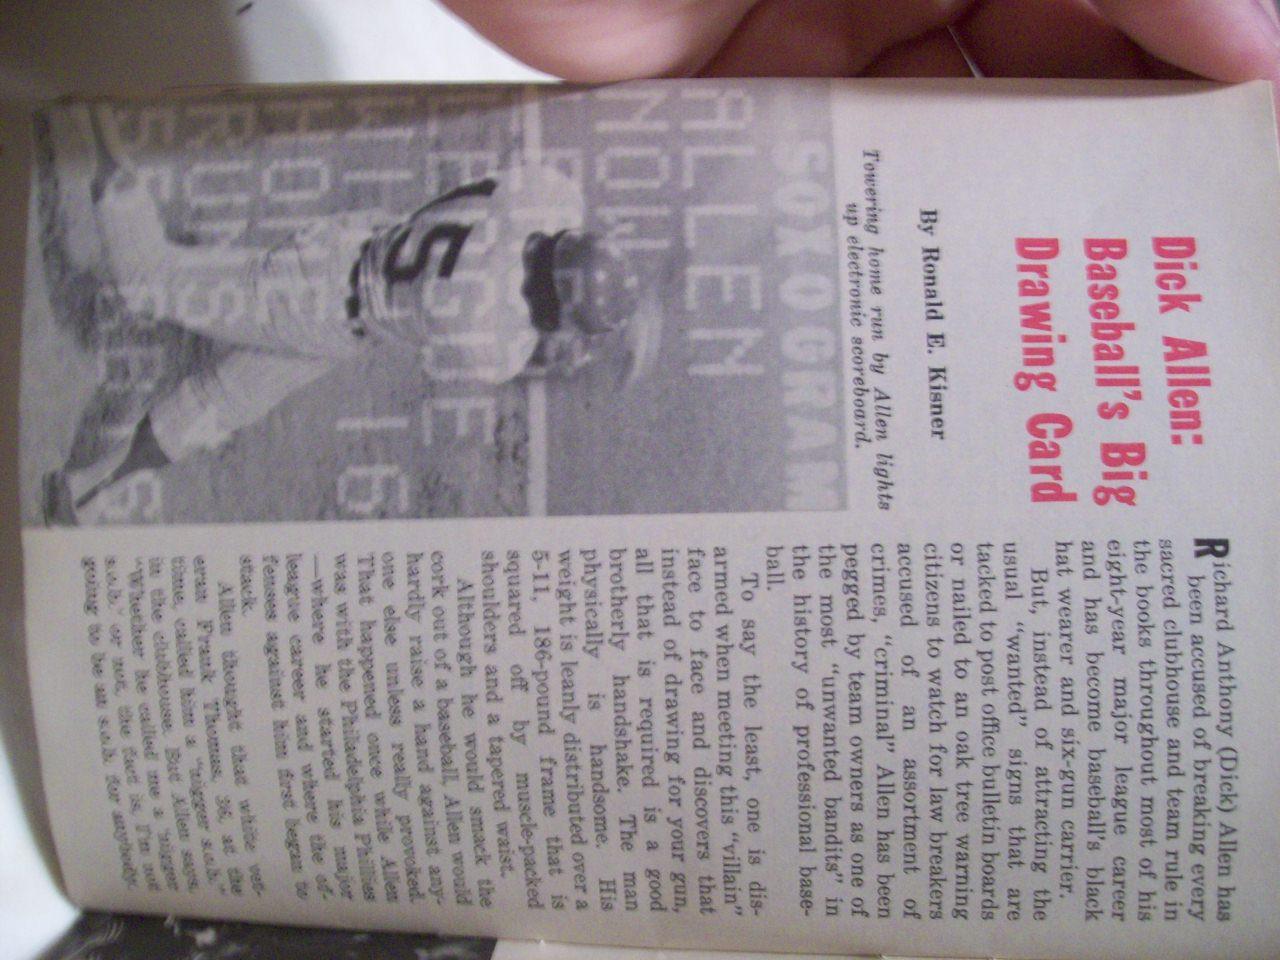 Allen, Dick Richie Jet Magazine Signed Autograph 1972